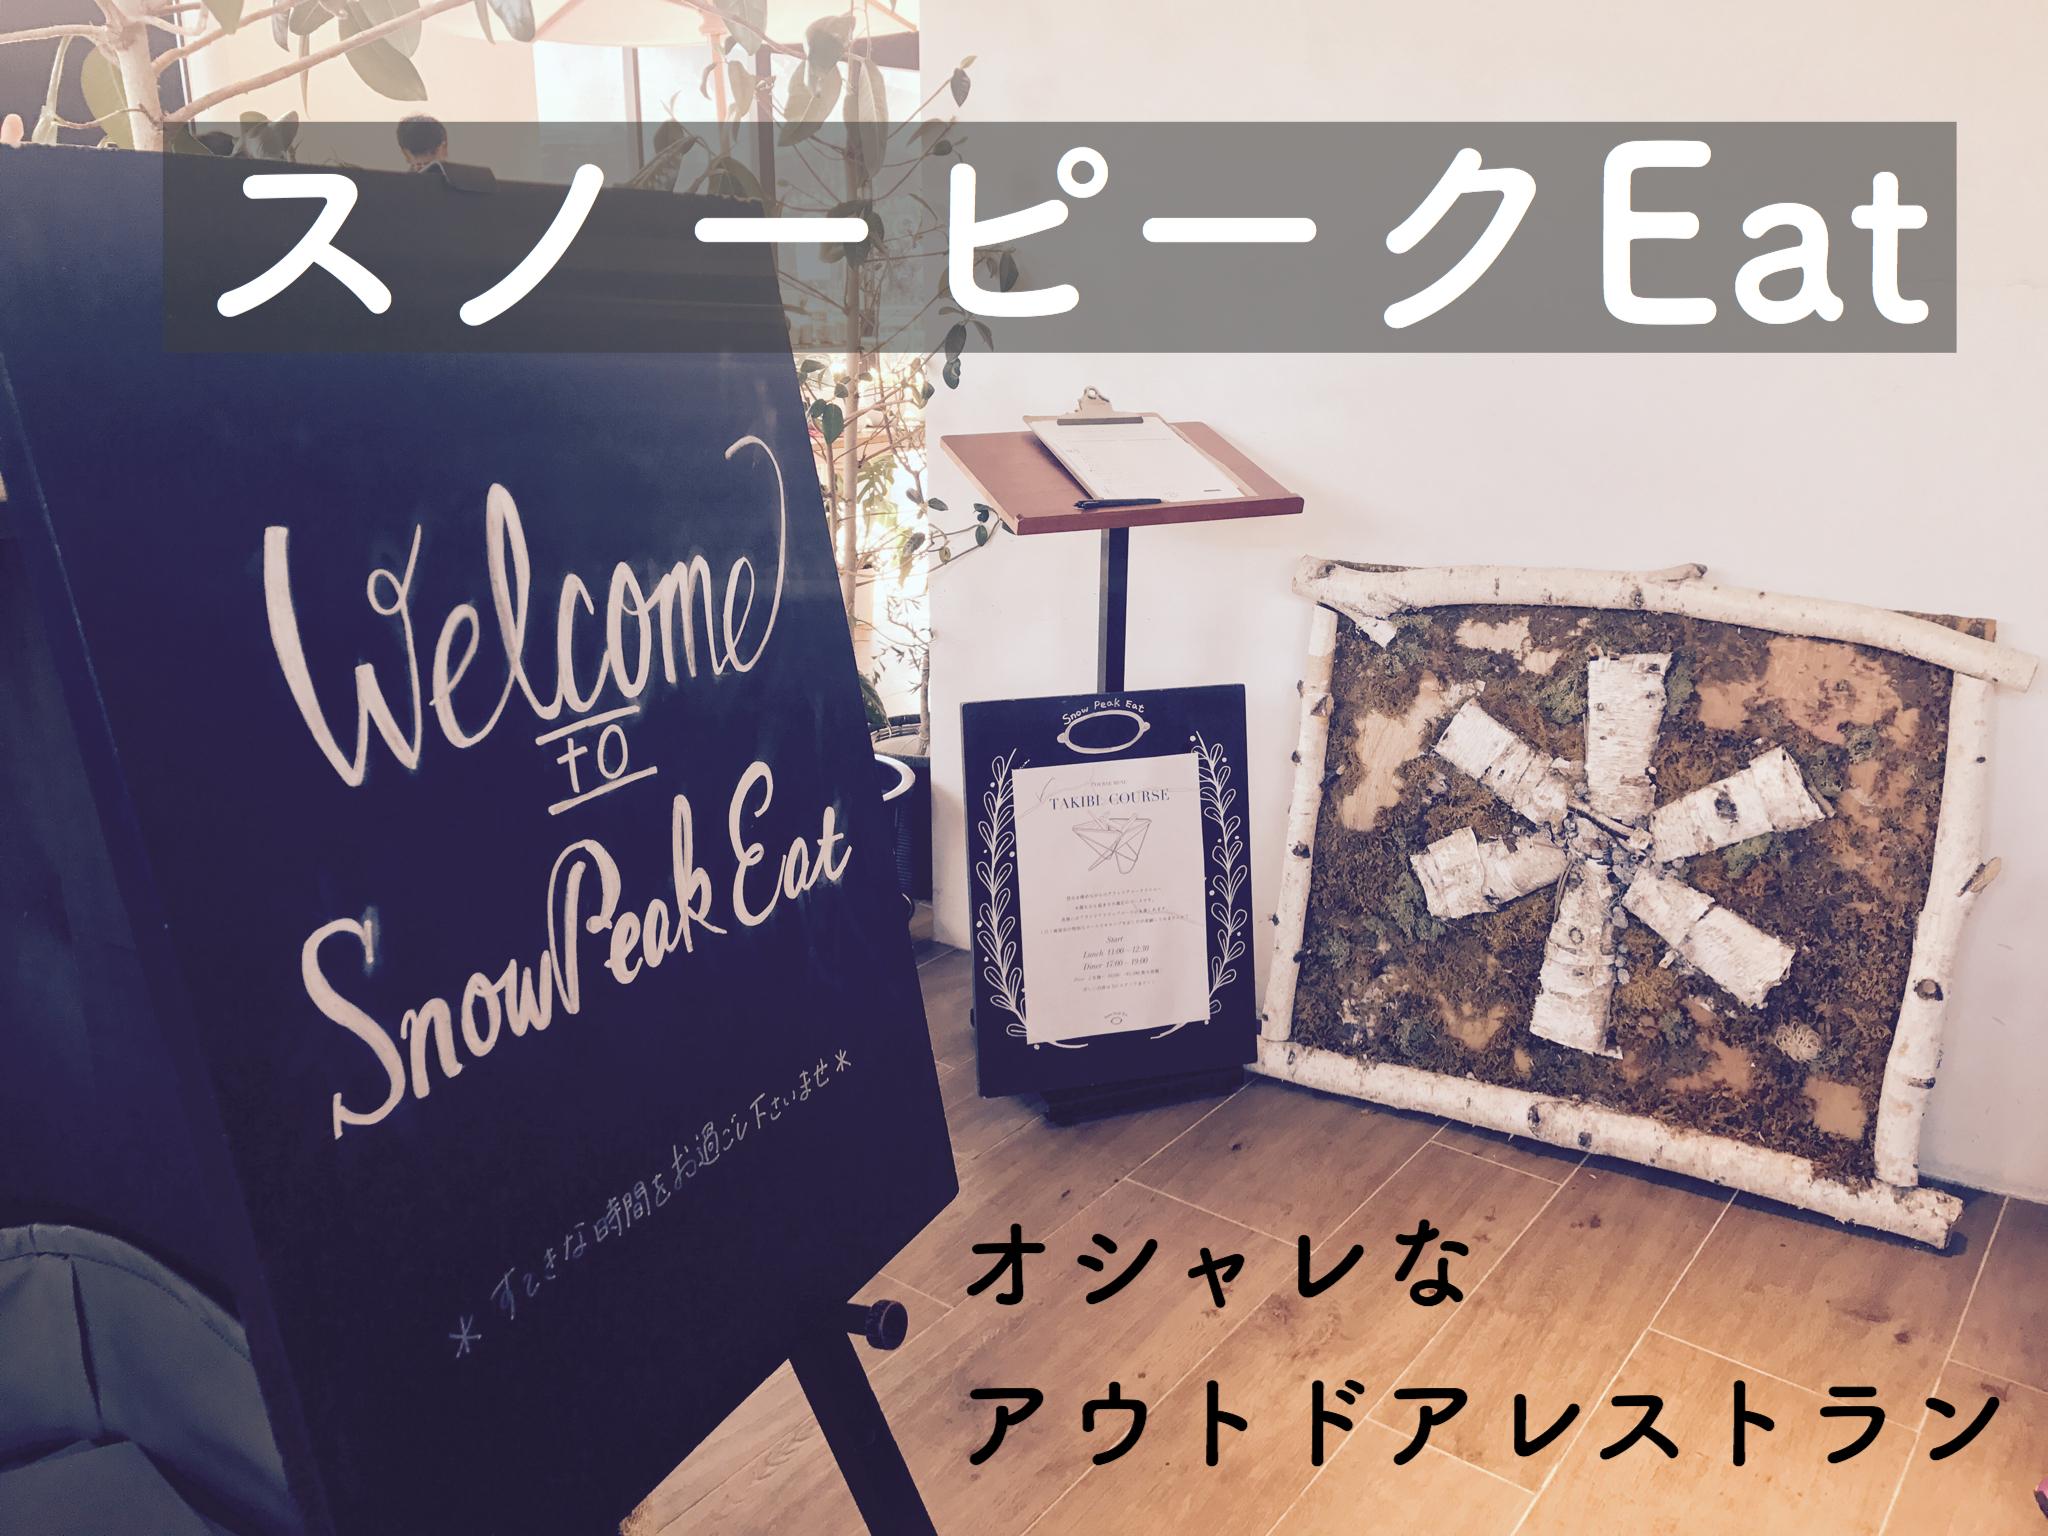 スノーピークEatに行ってきた!@昭島モリパークアウトドアヴィレッジ